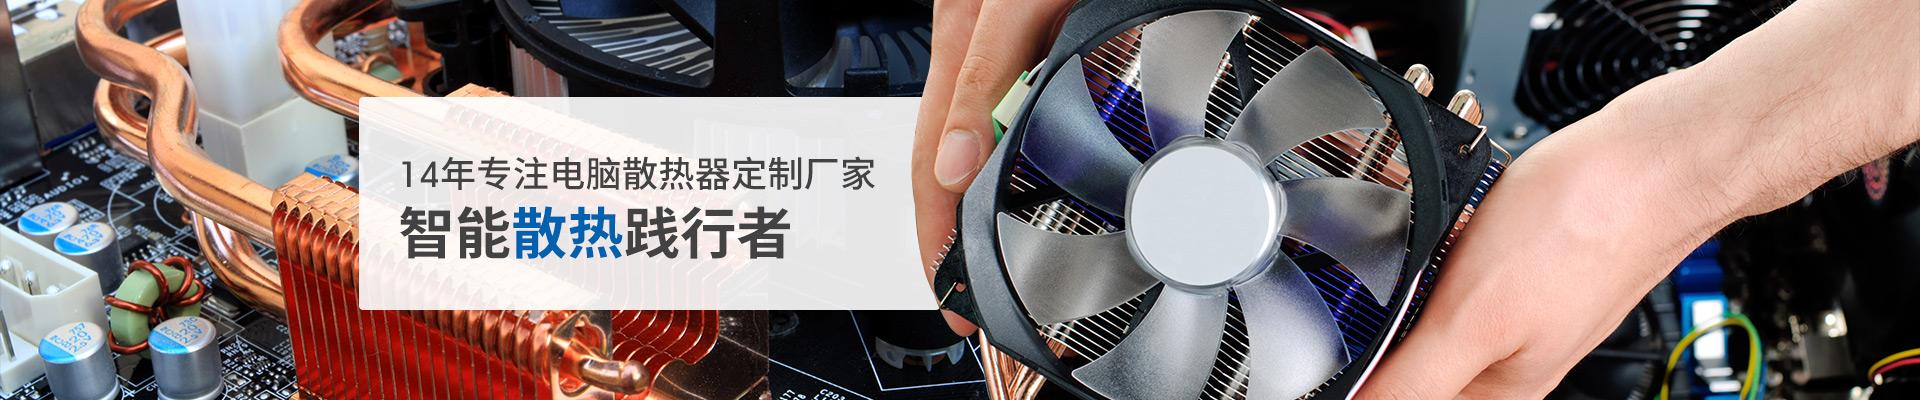 14年专注电脑散热器定制厂家——宝迪凯智能散热践行者